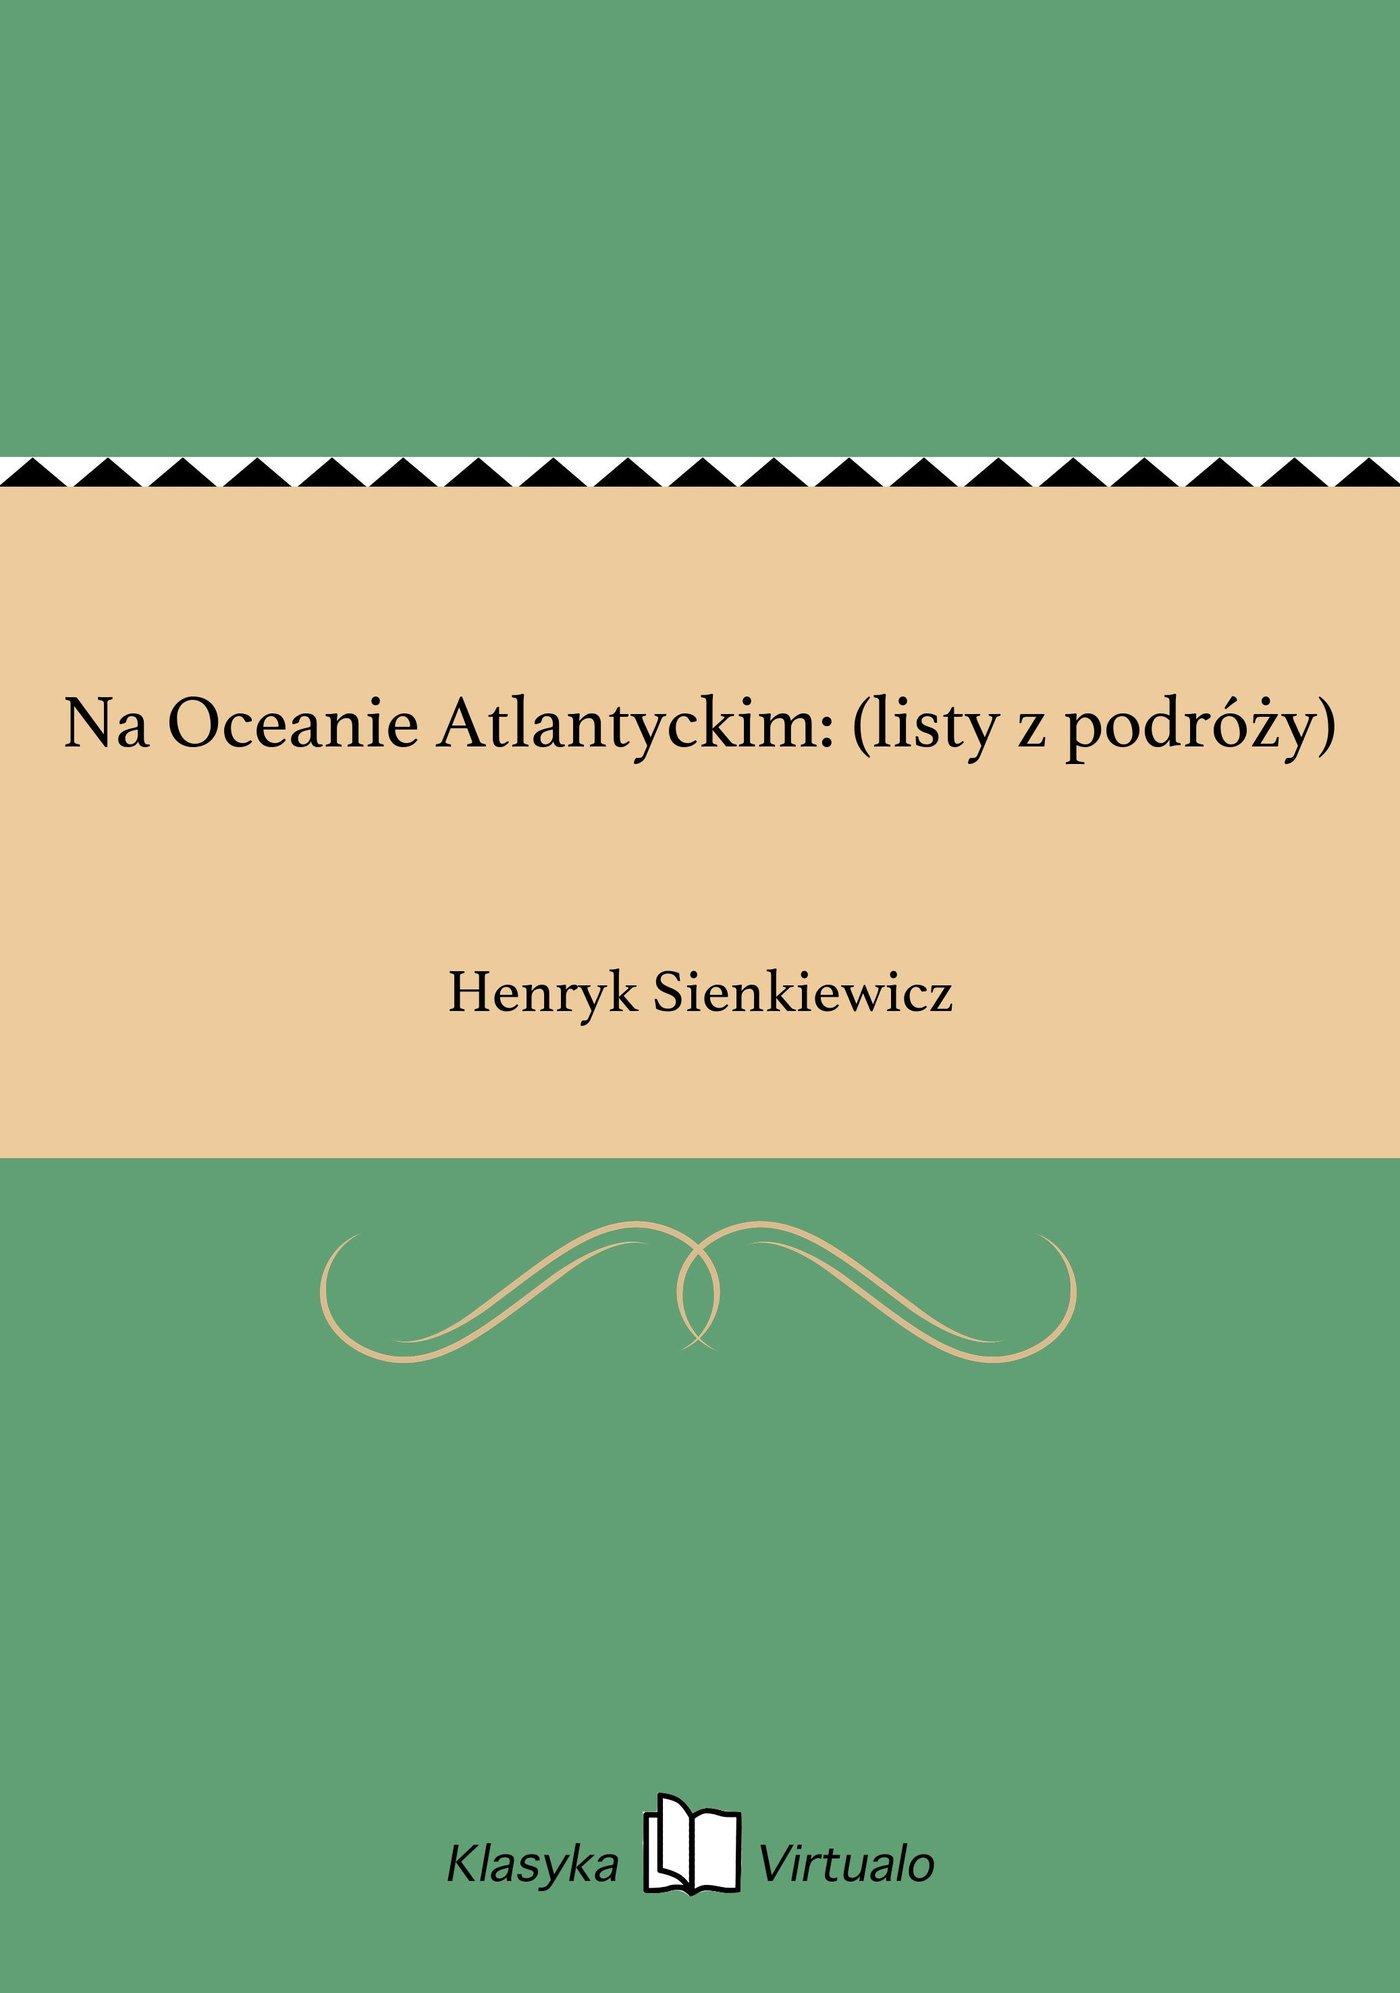 Na Oceanie Atlantyckim: (listy z podróży) - Ebook (Książka na Kindle) do pobrania w formacie MOBI